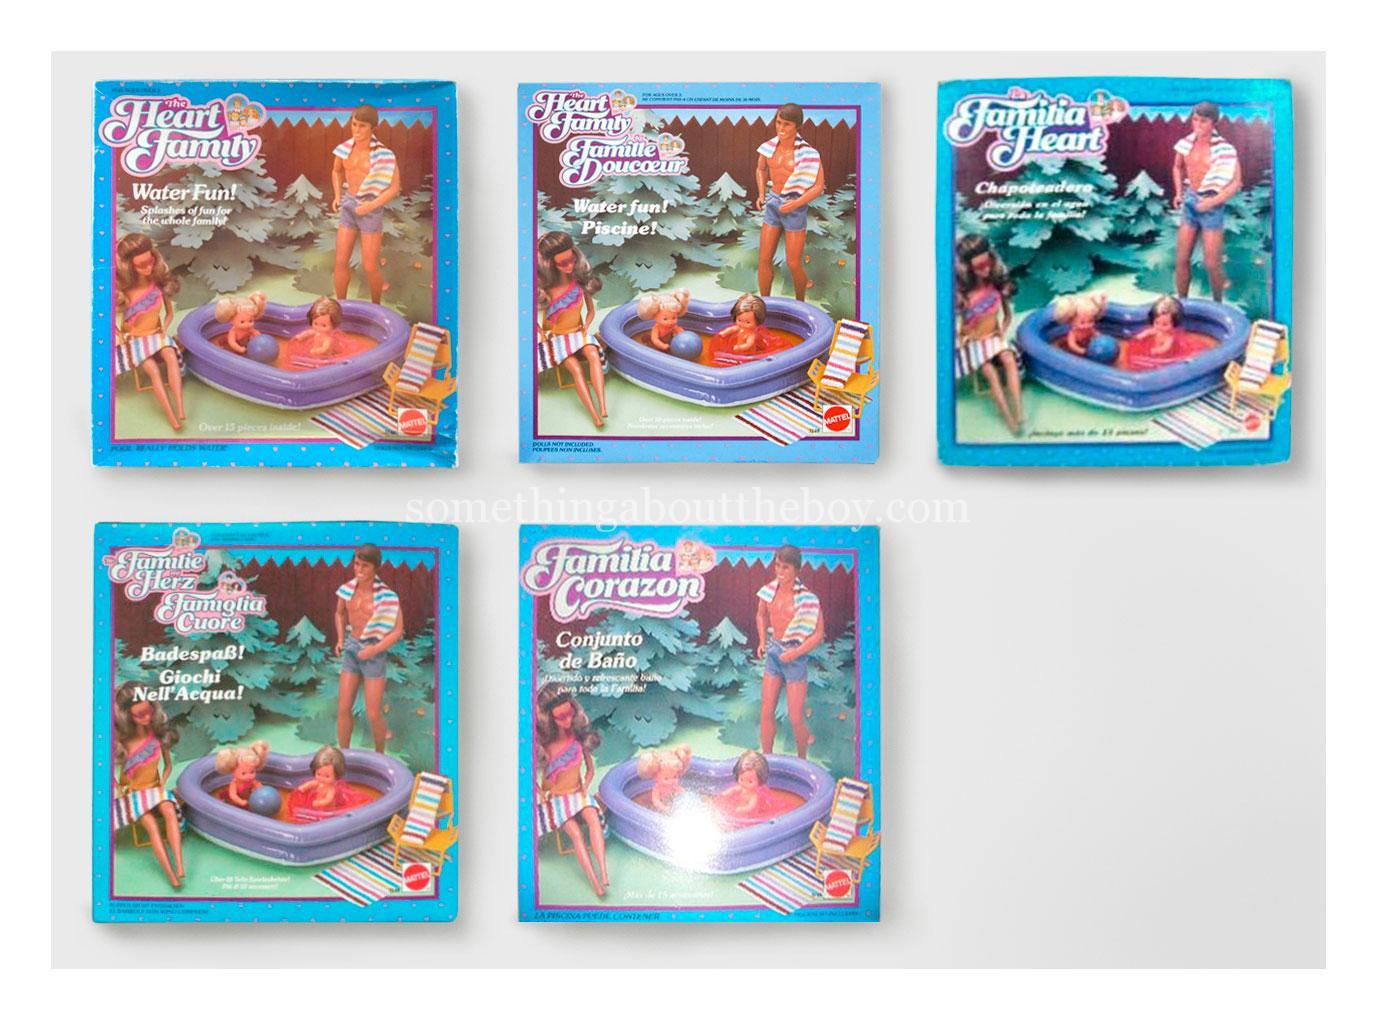 1987 #3148 Water Fun!